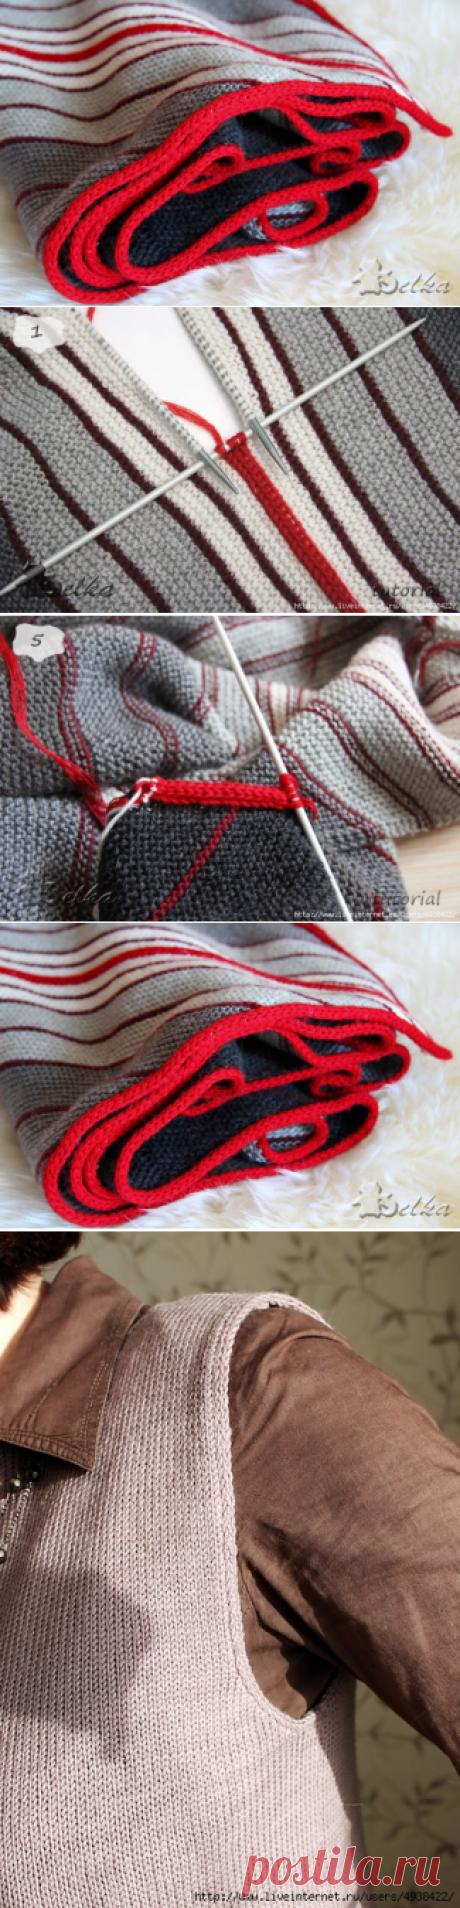 Способ i-cord для обвязки края и соединения деталей - запись пользователя Марина в сообществе Вязание спицами в категории Вязание спицами для начинающих